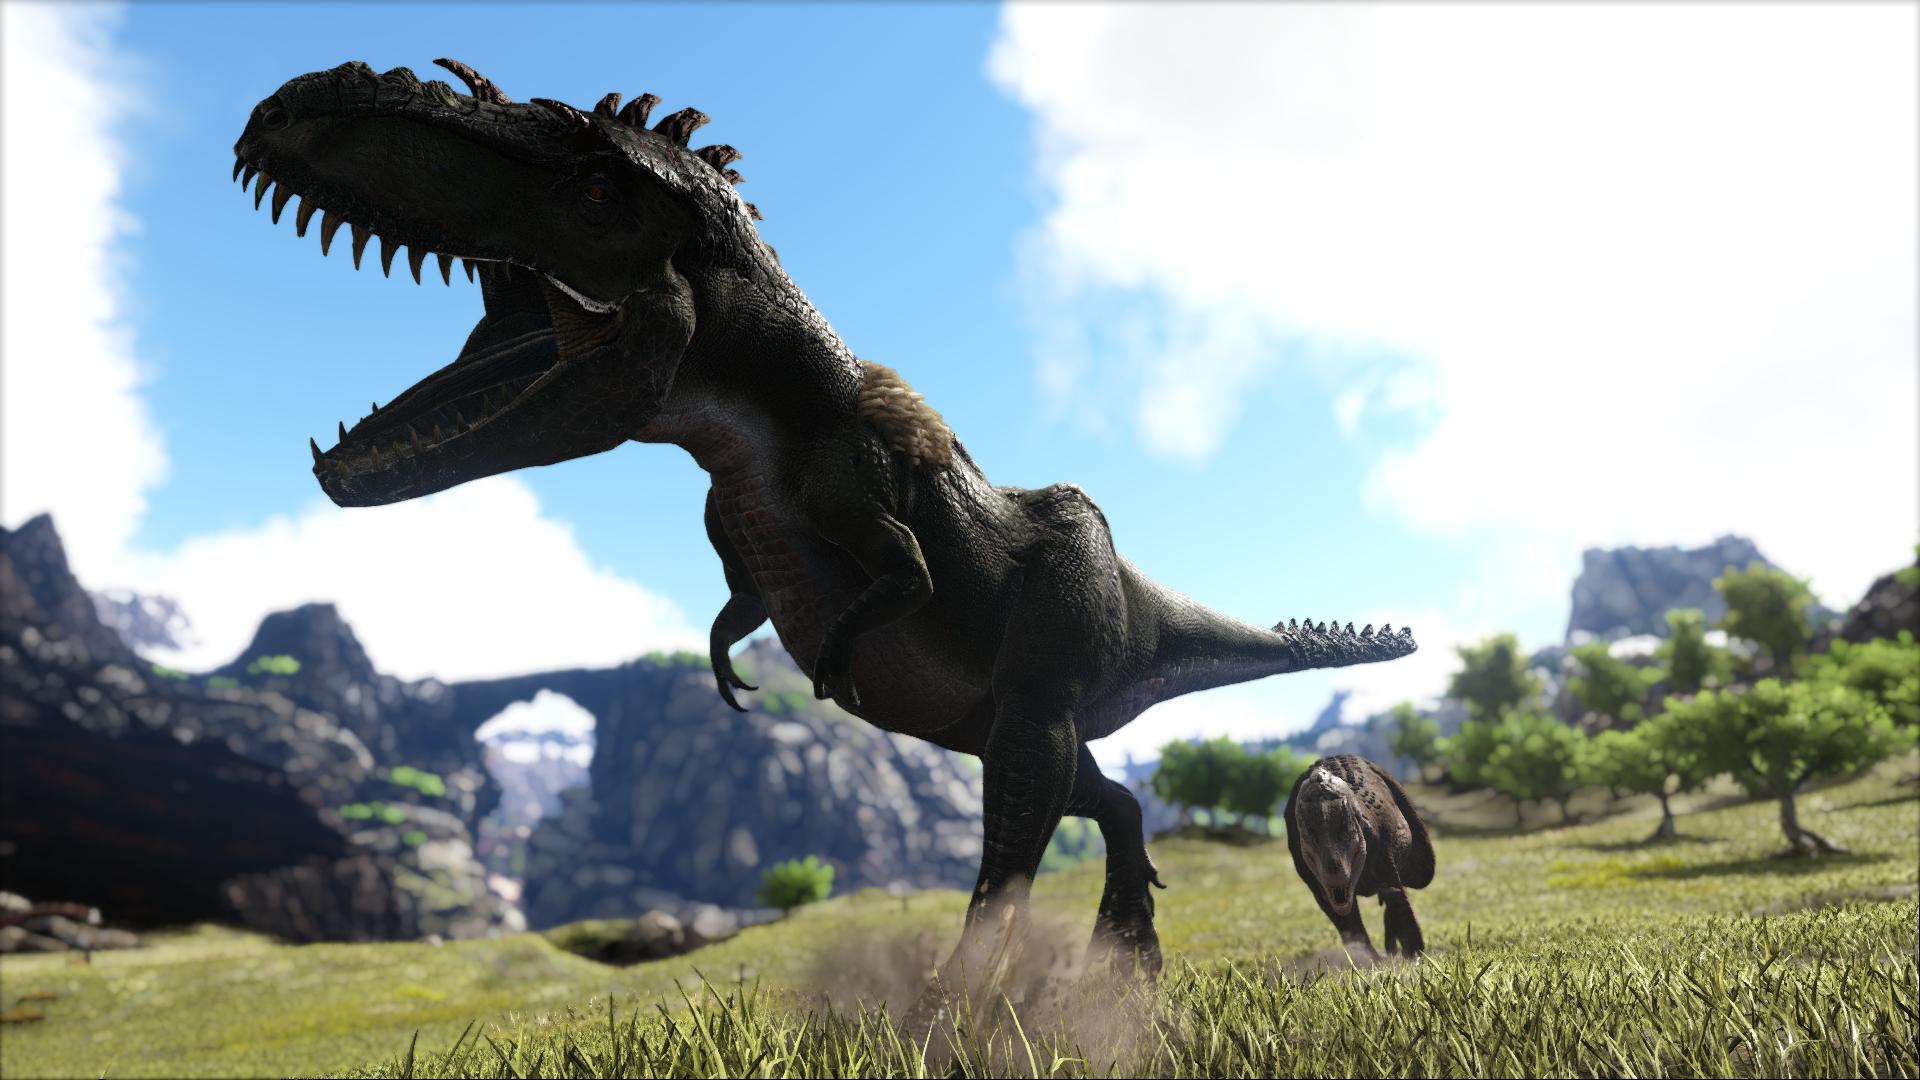 Daspletosaurus Additional Creatures Wiki Fandom Ark patch 257 die daeodon (wildschwein) sind mit den dire wolf die gefährlichste rudeltiere in ark. daspletosaurus additional creatures